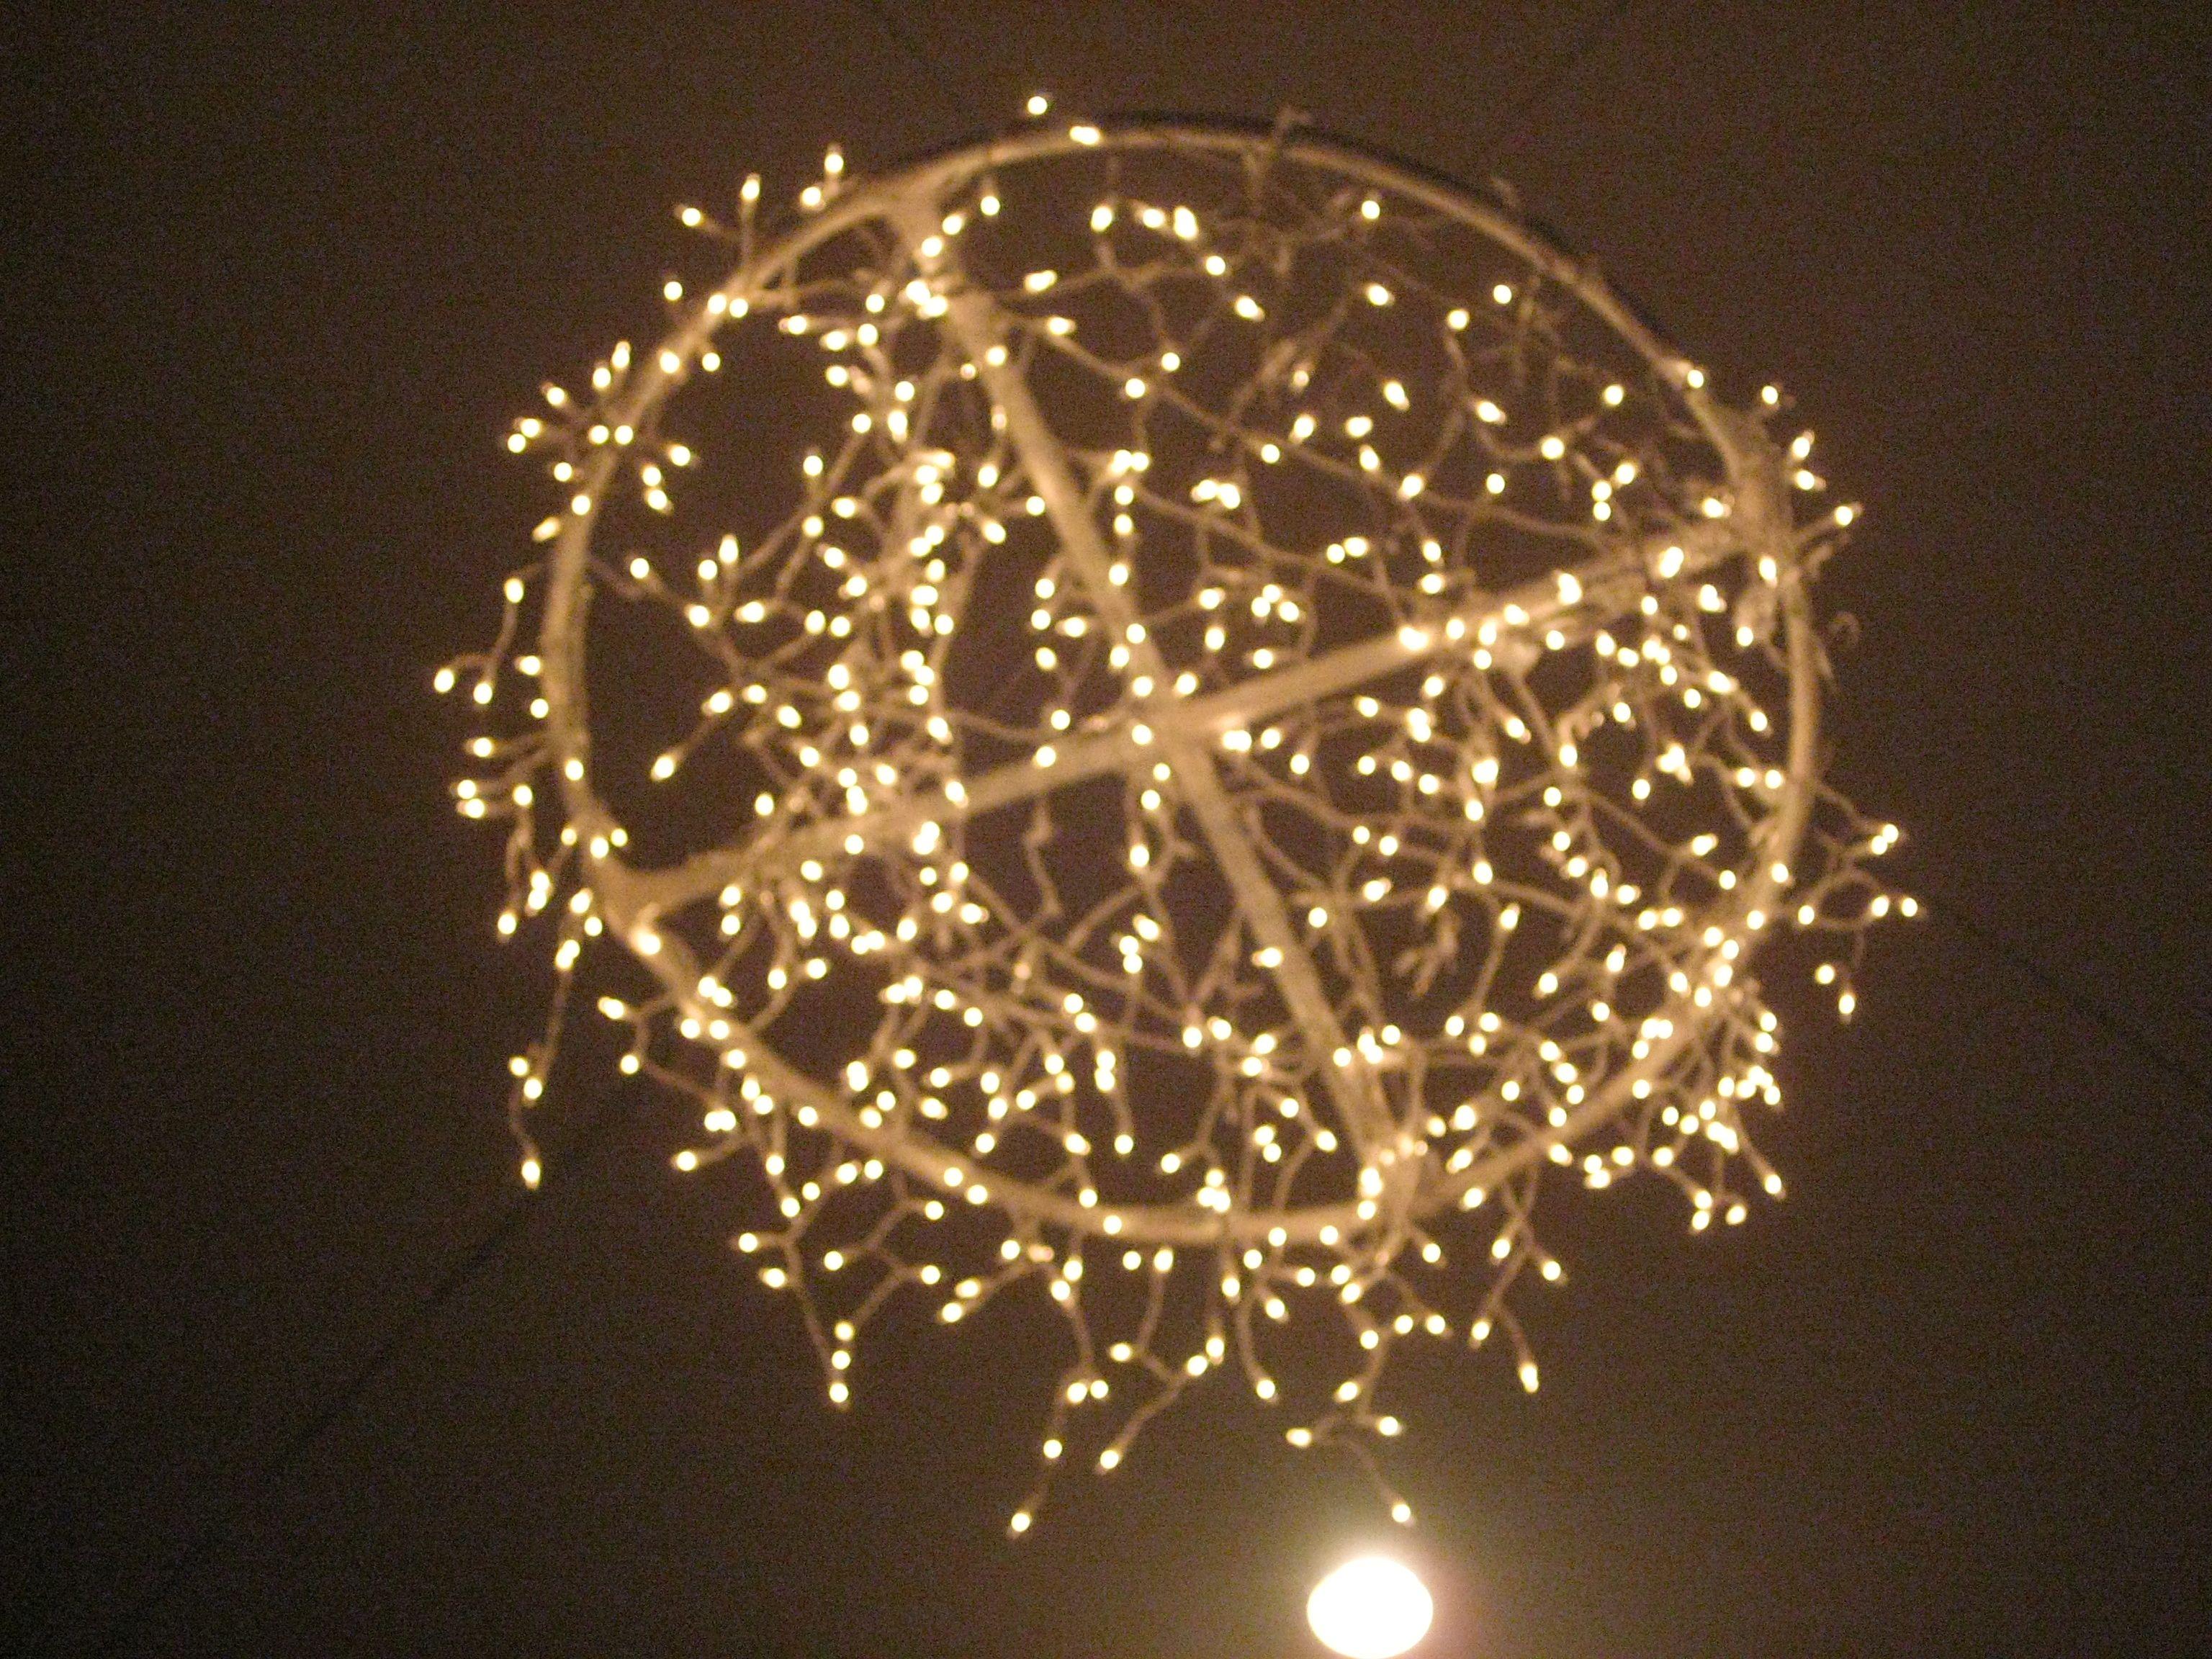 Starlight chandelier | Chandeliers & Lights | Pinterest | Chandeliers